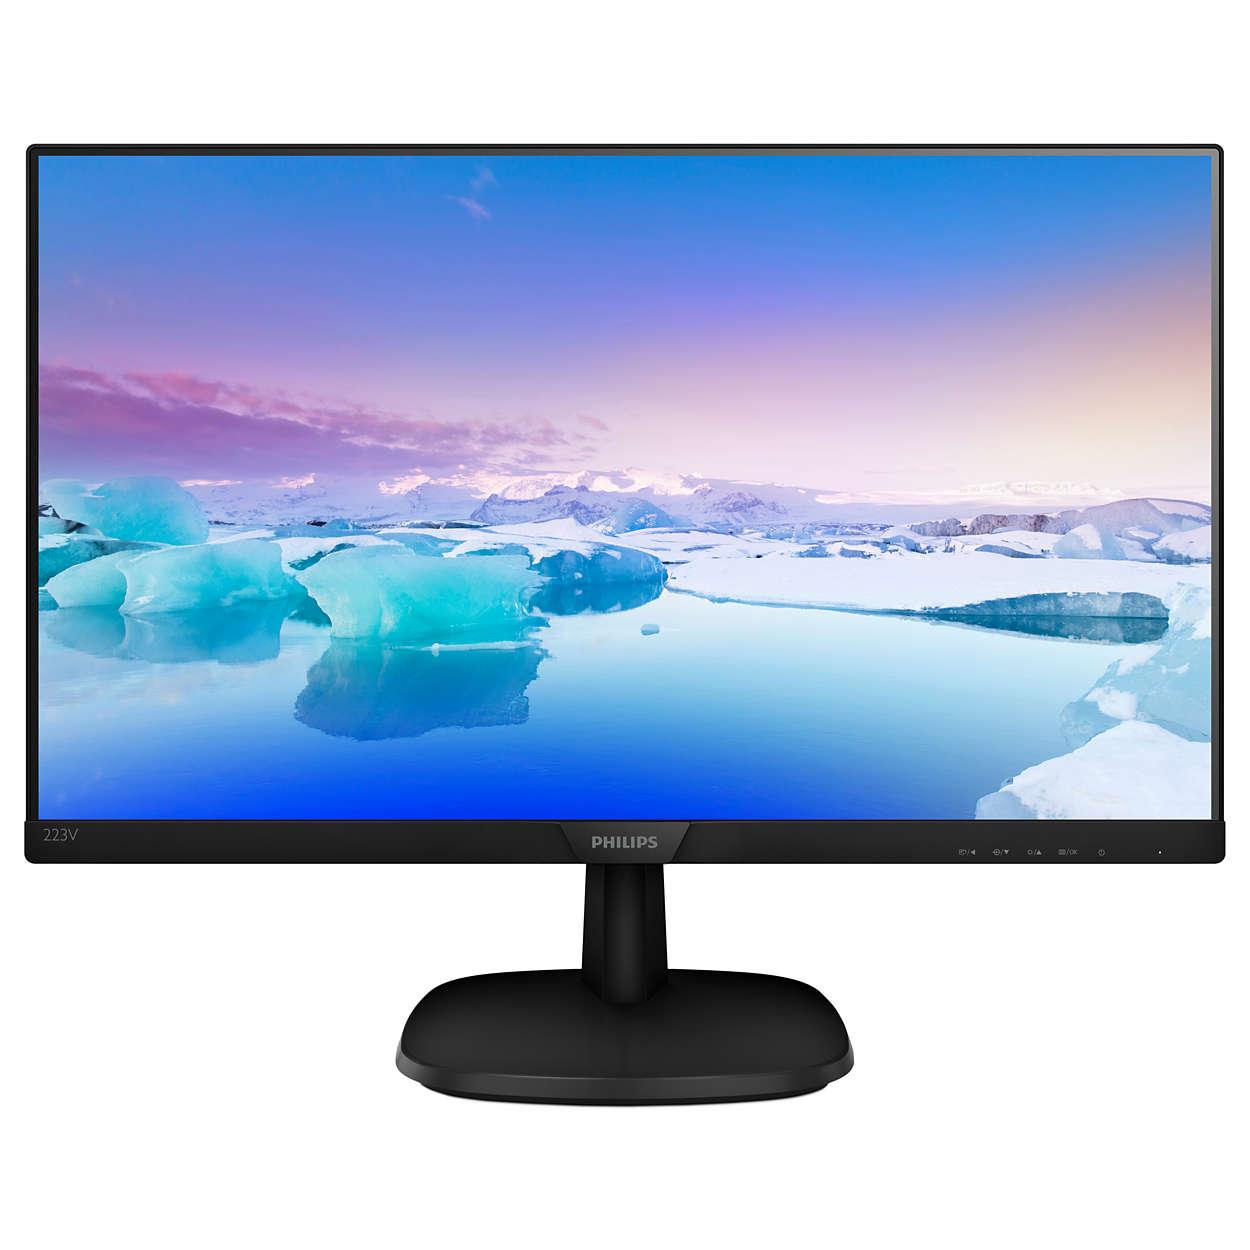 Яркое и четкое изображение на широком экране